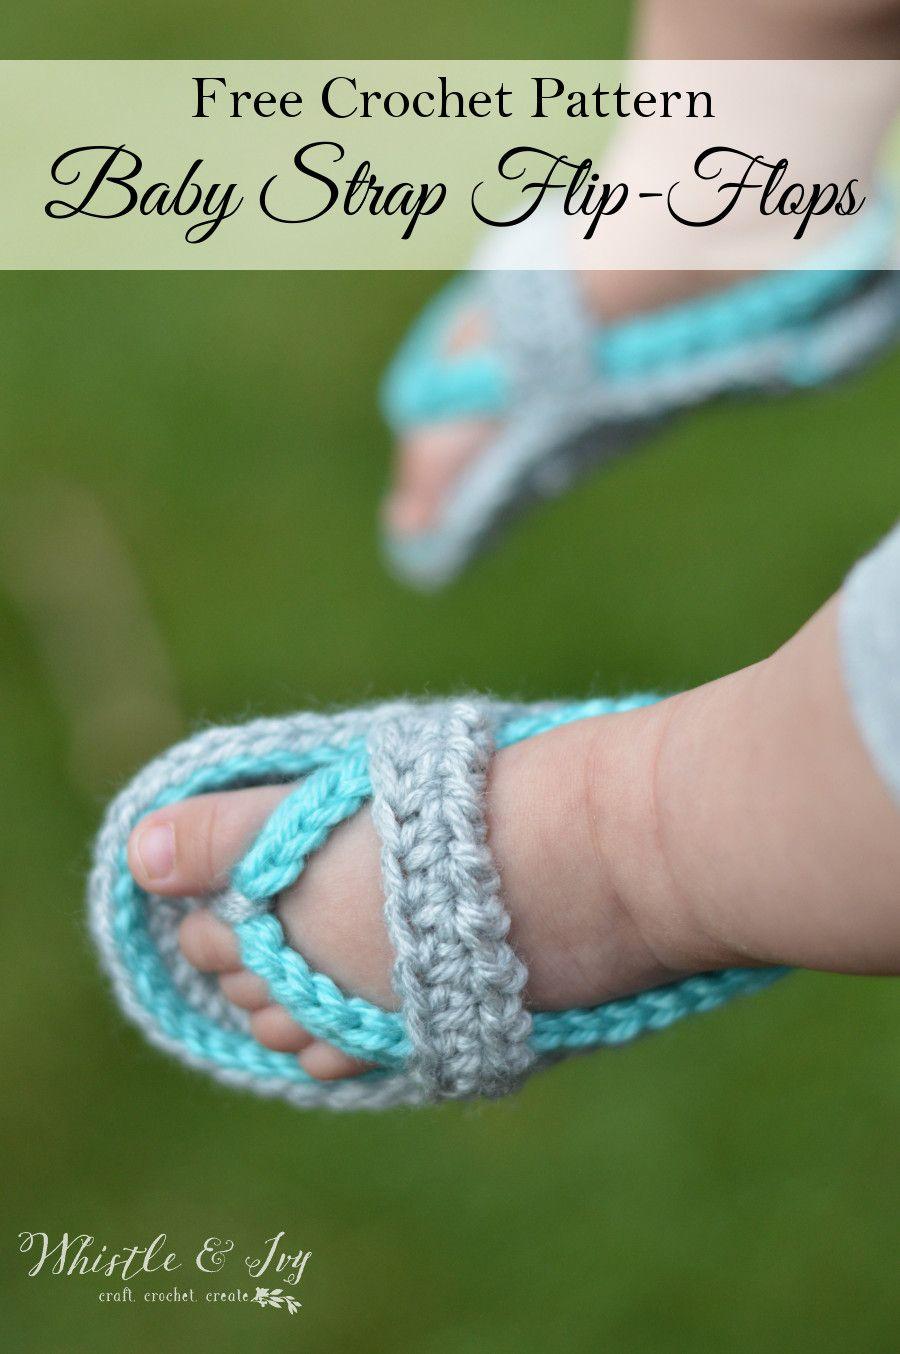 Crochet baby strap flip flop sandals free crochet flipping and crochet baby strap flip flop sandals bankloansurffo Gallery